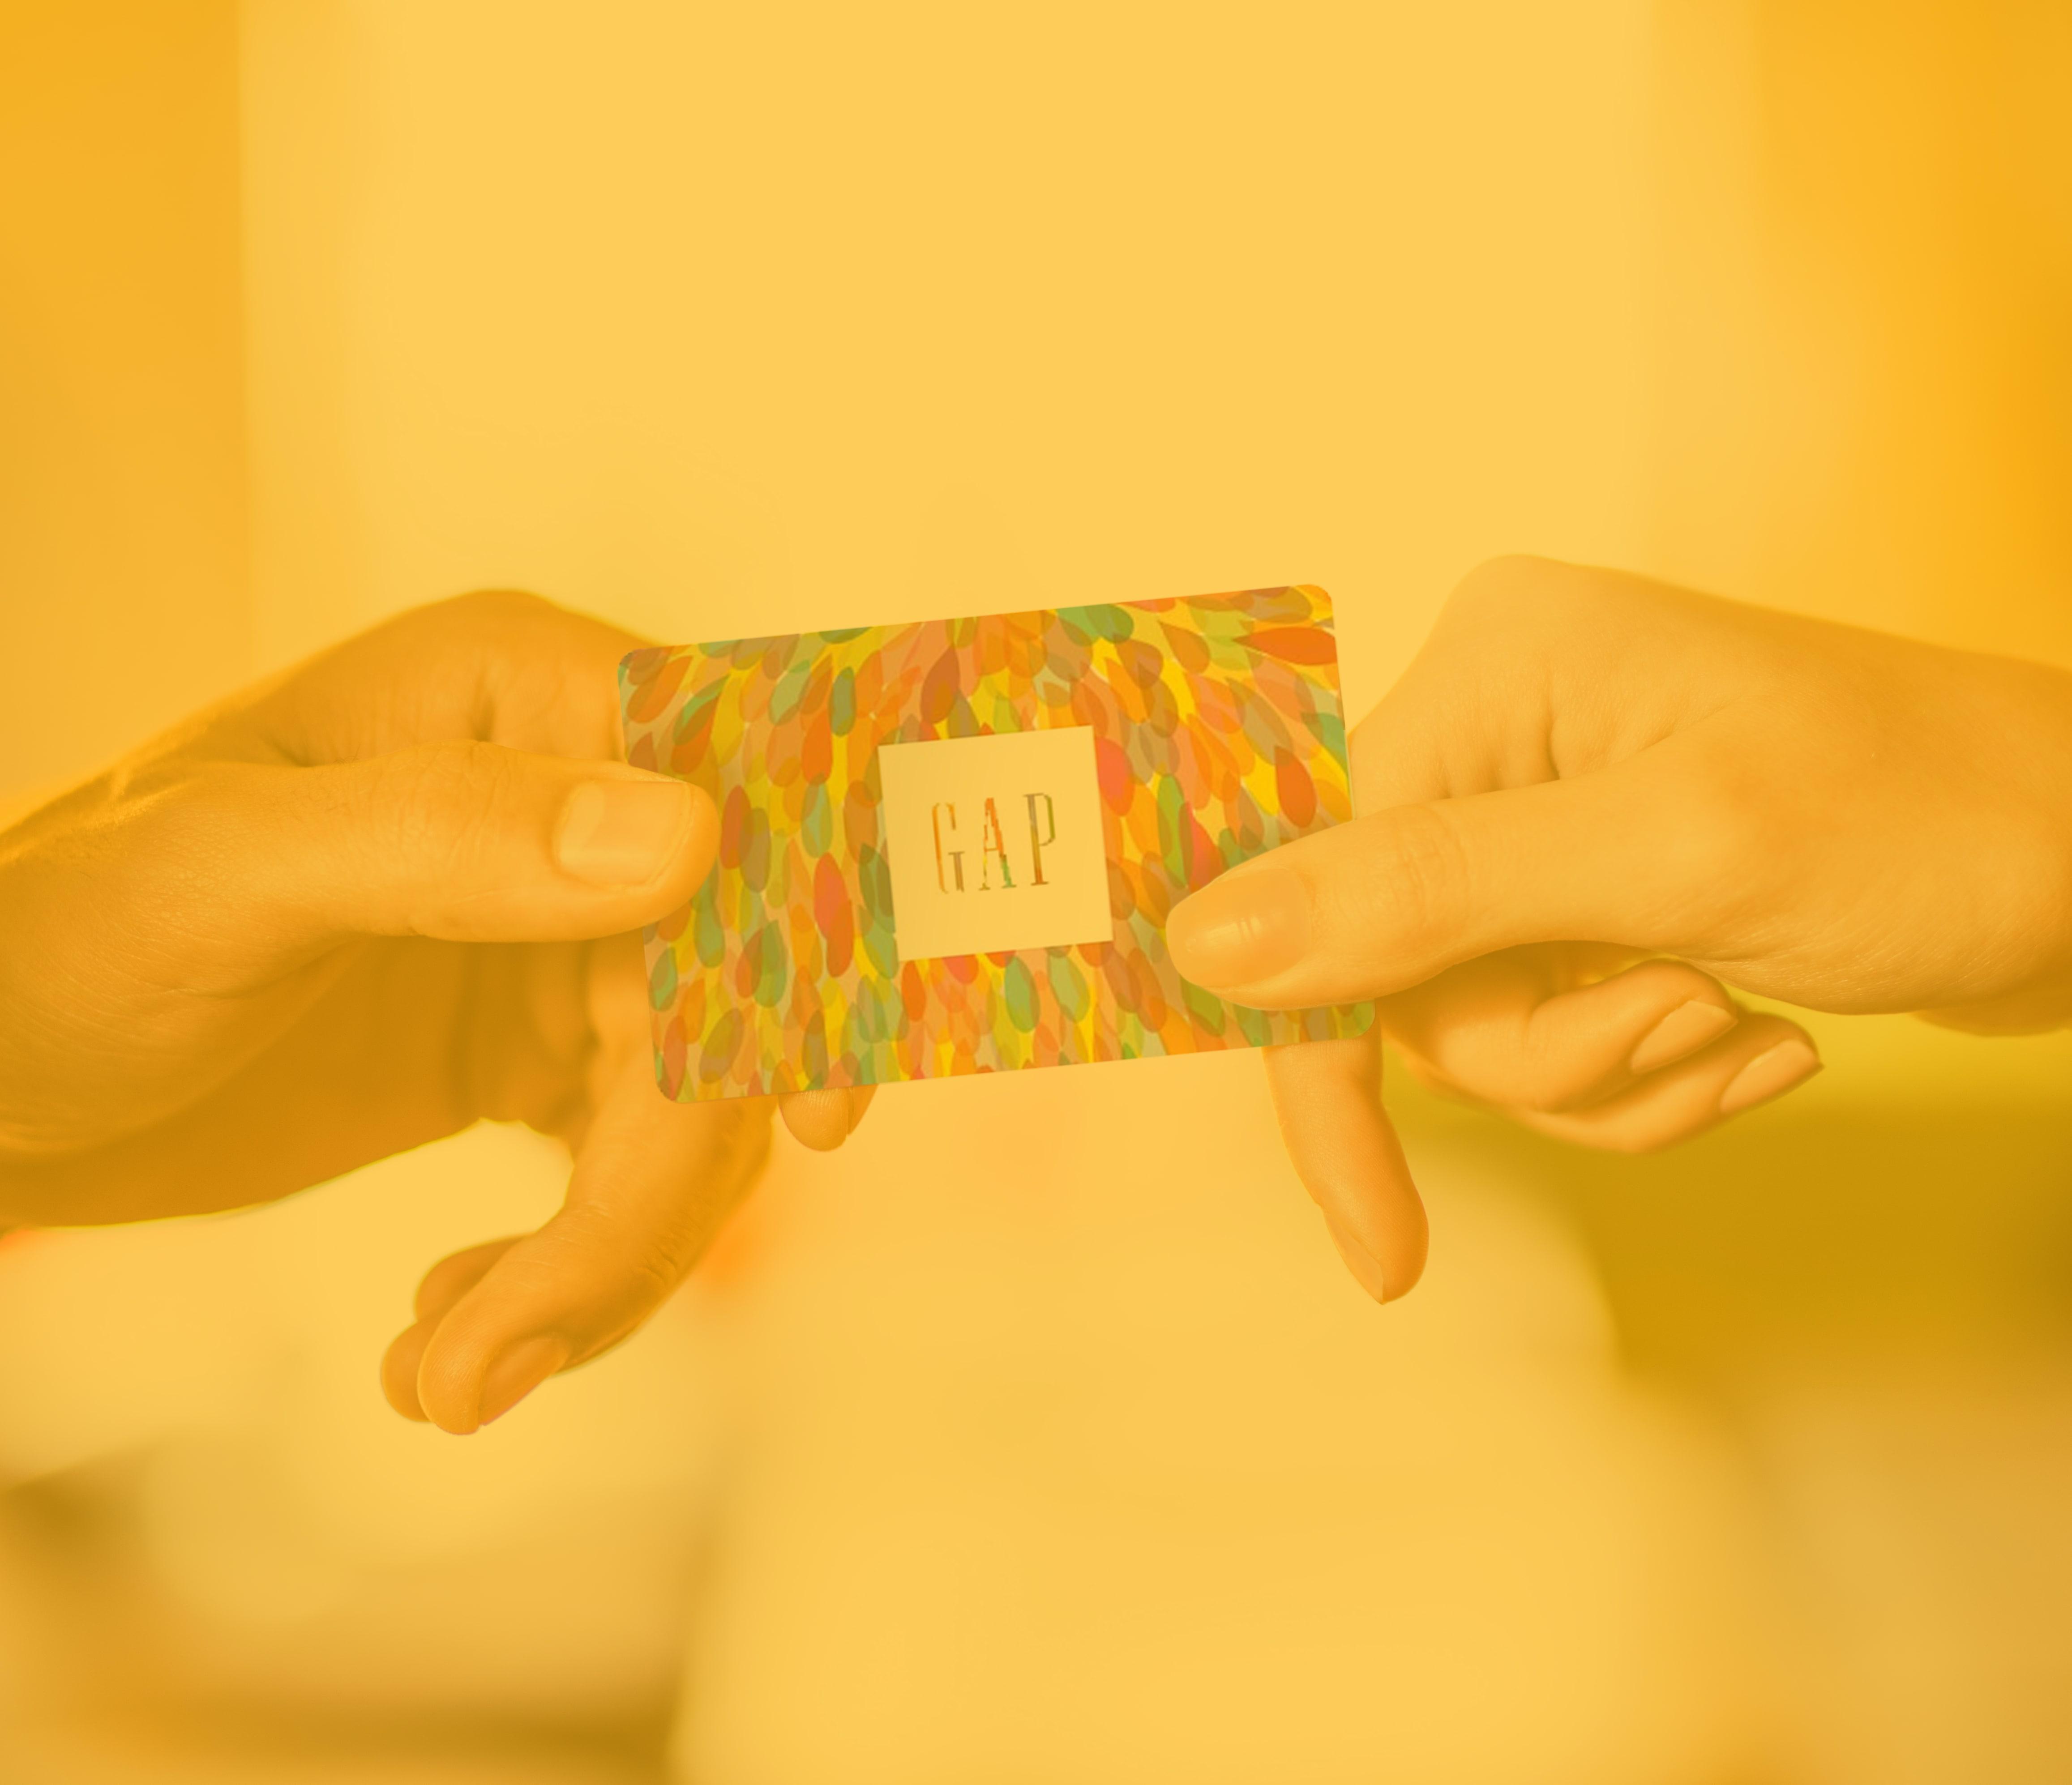 Nahaufnahme der Hand eines Managers, der einer Mitarbeiterin eine Gap-Geschenkkarte als Belohnung für das Erreichen eines Geschäftsziels überreicht.